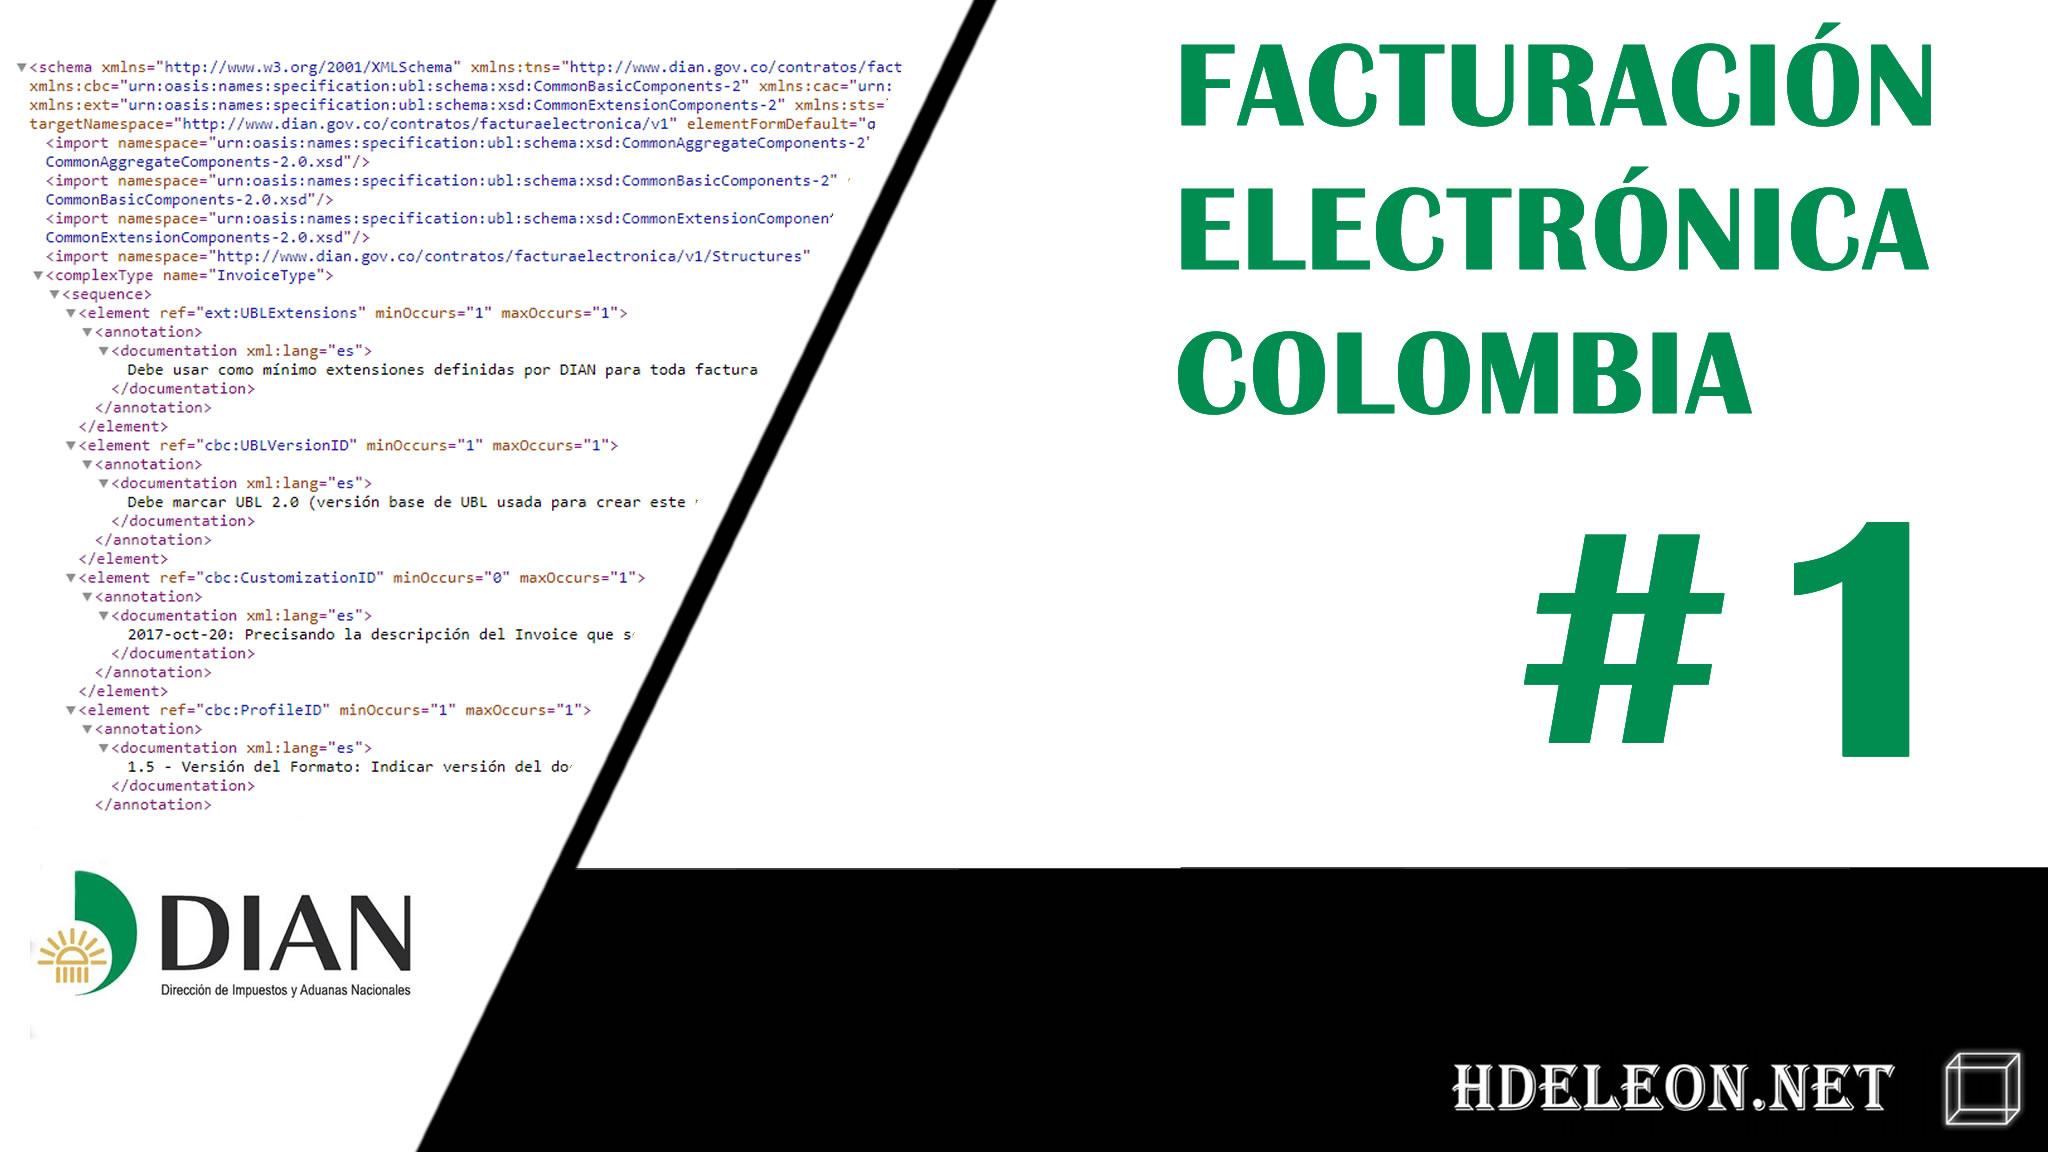 Curso de facturación electrónica Colombia en C# .Net